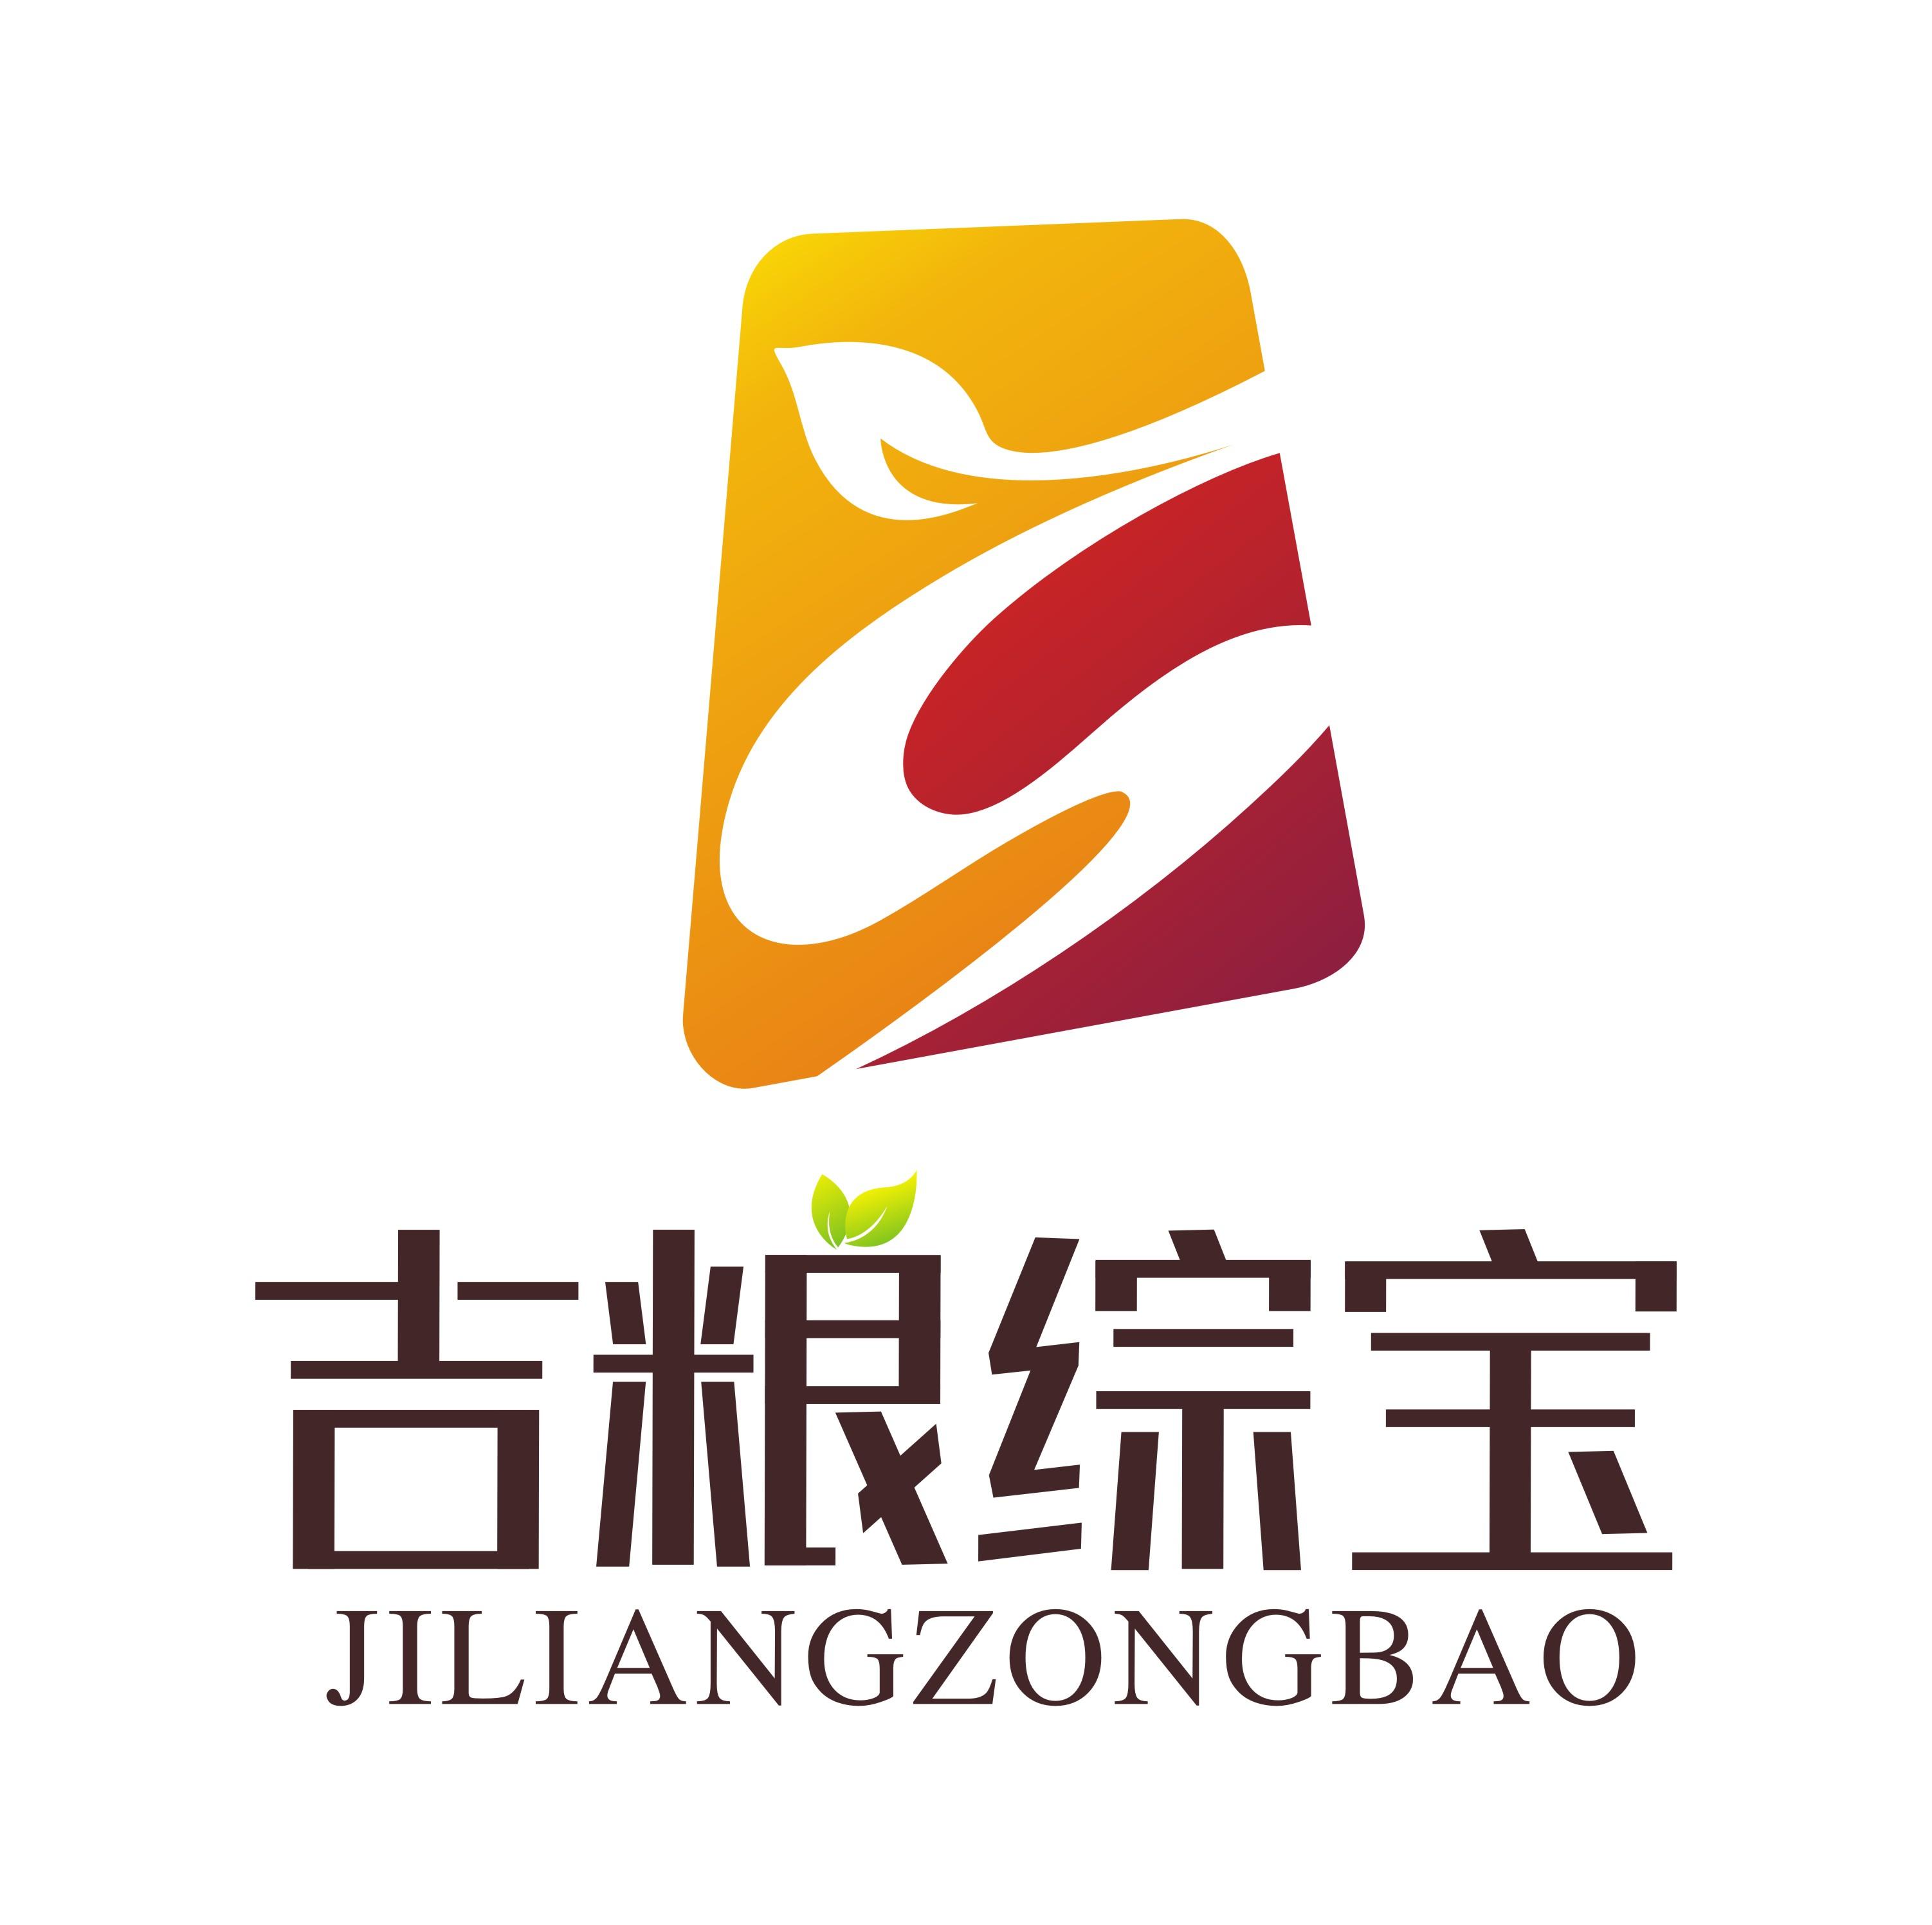 中国良机集团湖南办事处 - 网络114